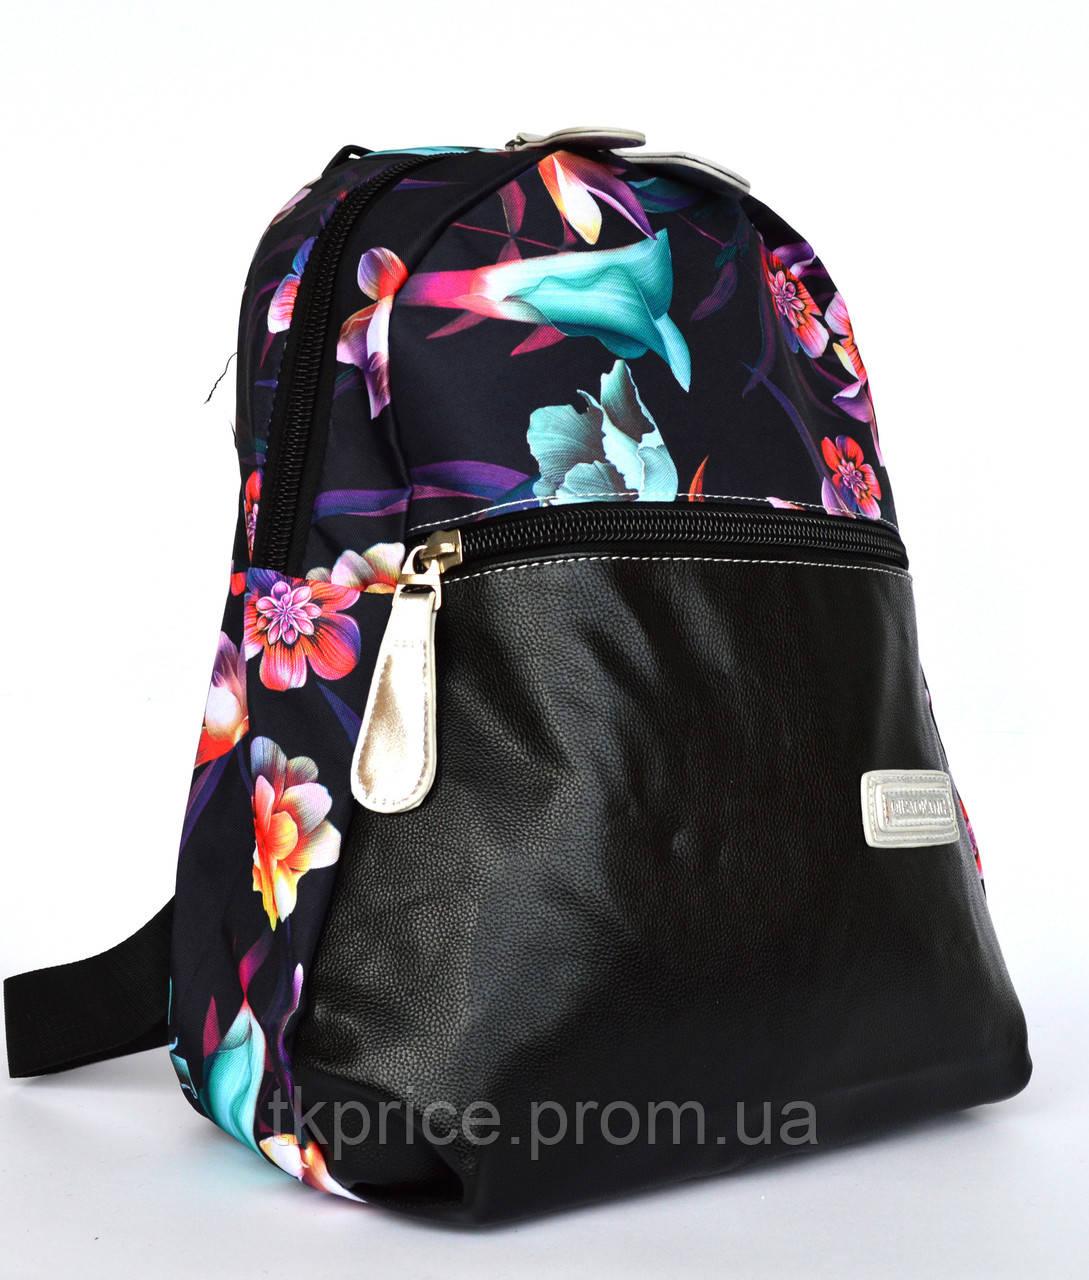 9878d7c1b71c Универсальный рюкзак для школы и прогулок 5603 - Интернет-магазин